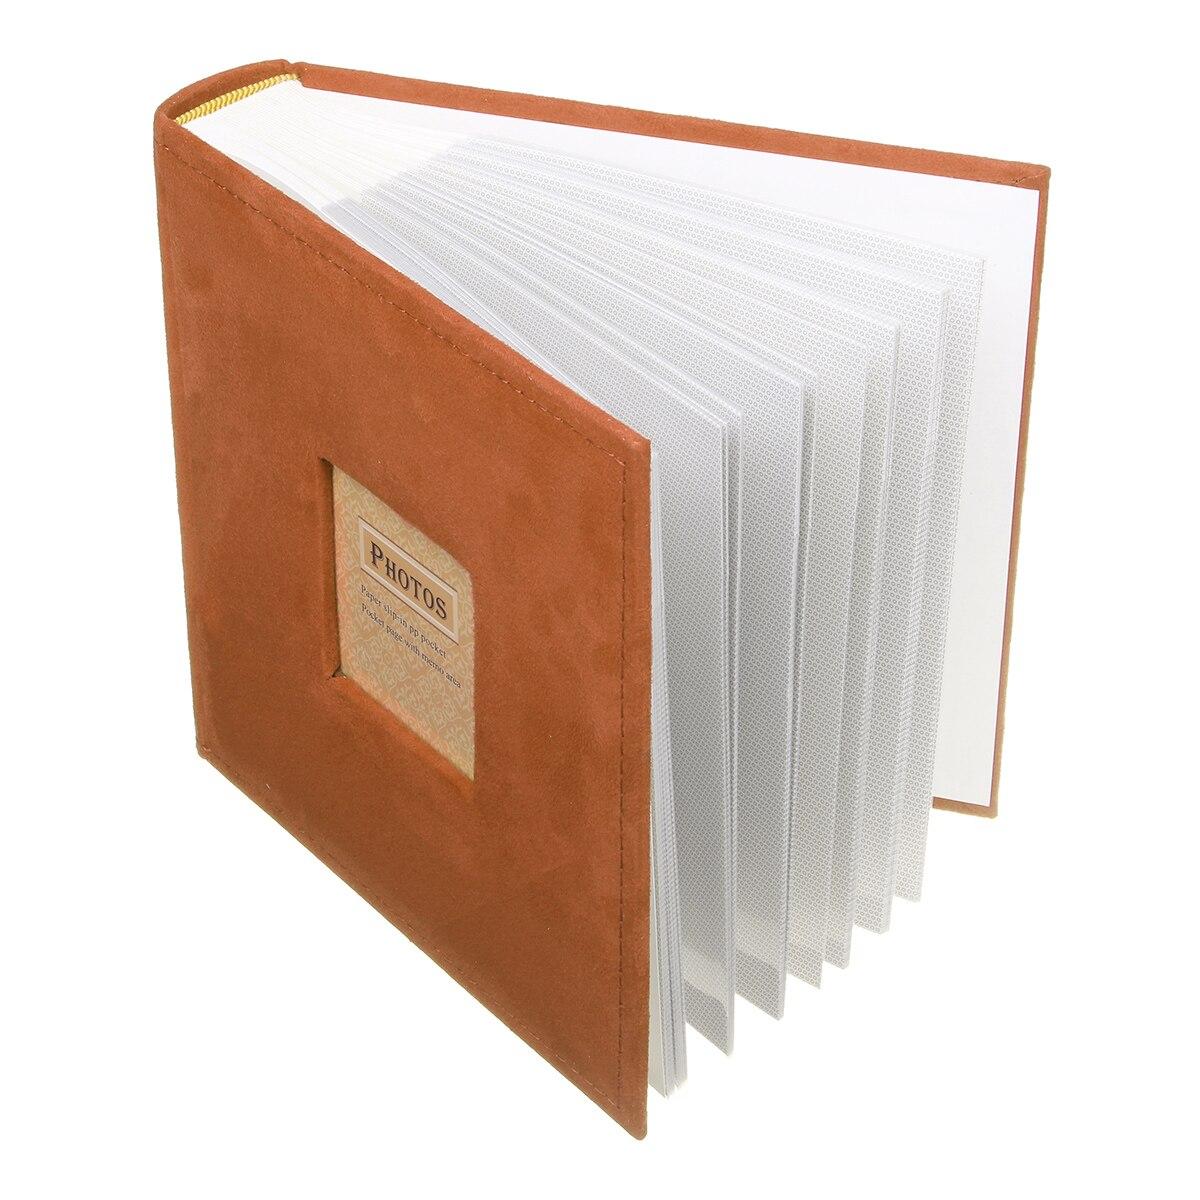 Вмещает 200 фотографий, памятная фотография, альбом, семейная память, записная книжка, фотоальбомы 200 фотографий для фотографий альбомов